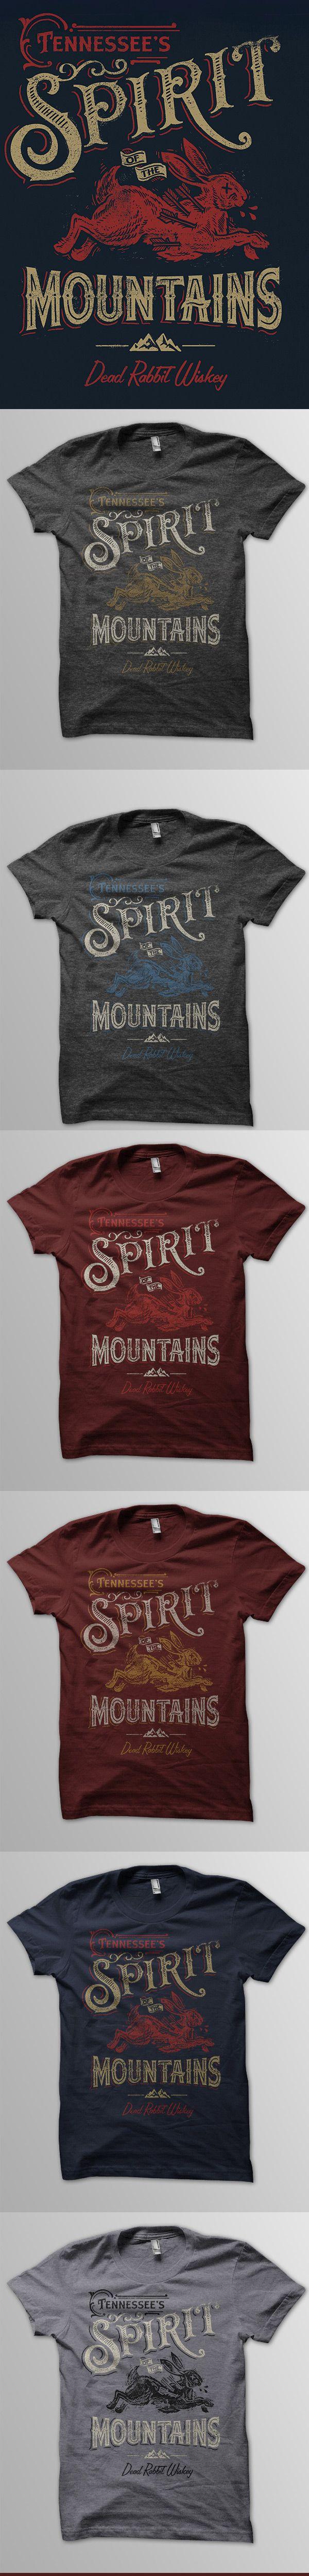 Spirit-mountains-tee-mocks-list